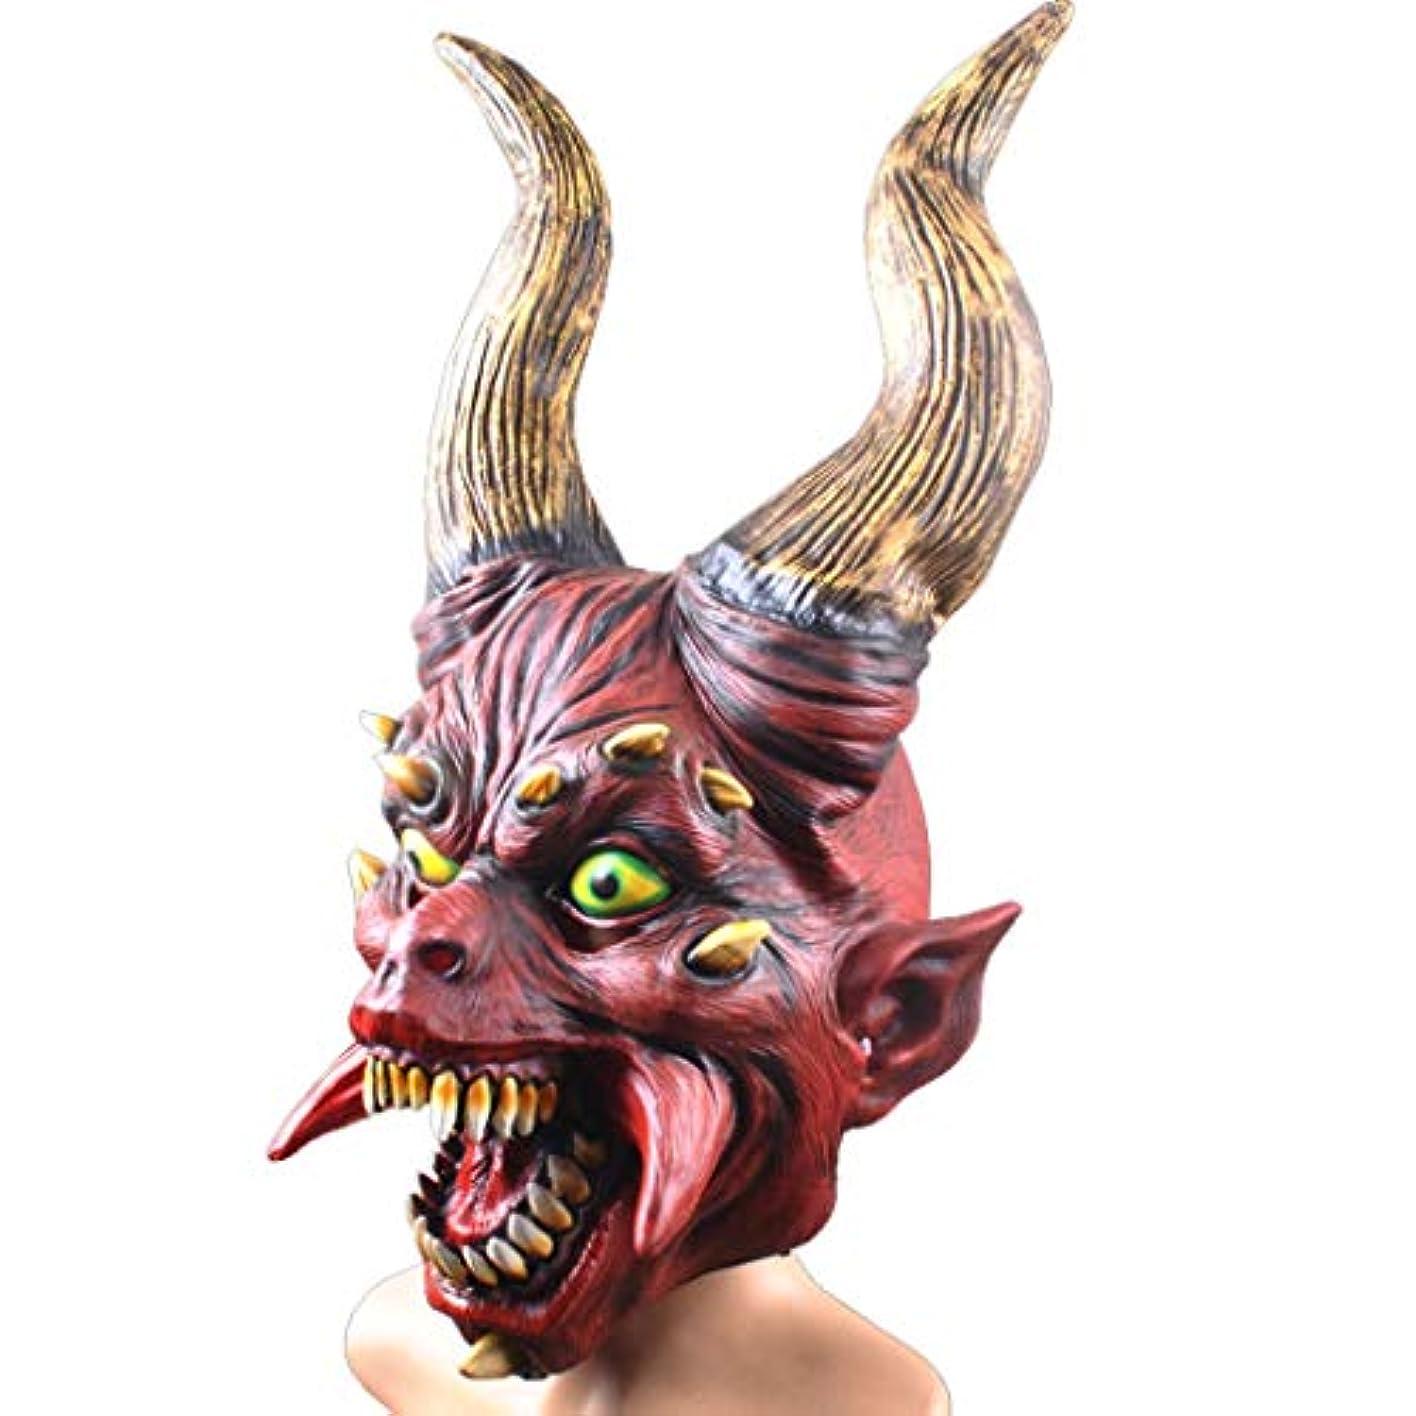 正当化する電気技師スズメバチハロウィーン仮装ドレスアップ小道具全体人悪魔ホラーゴーストフェイスフードラテックスフードドラゴンキングマスク